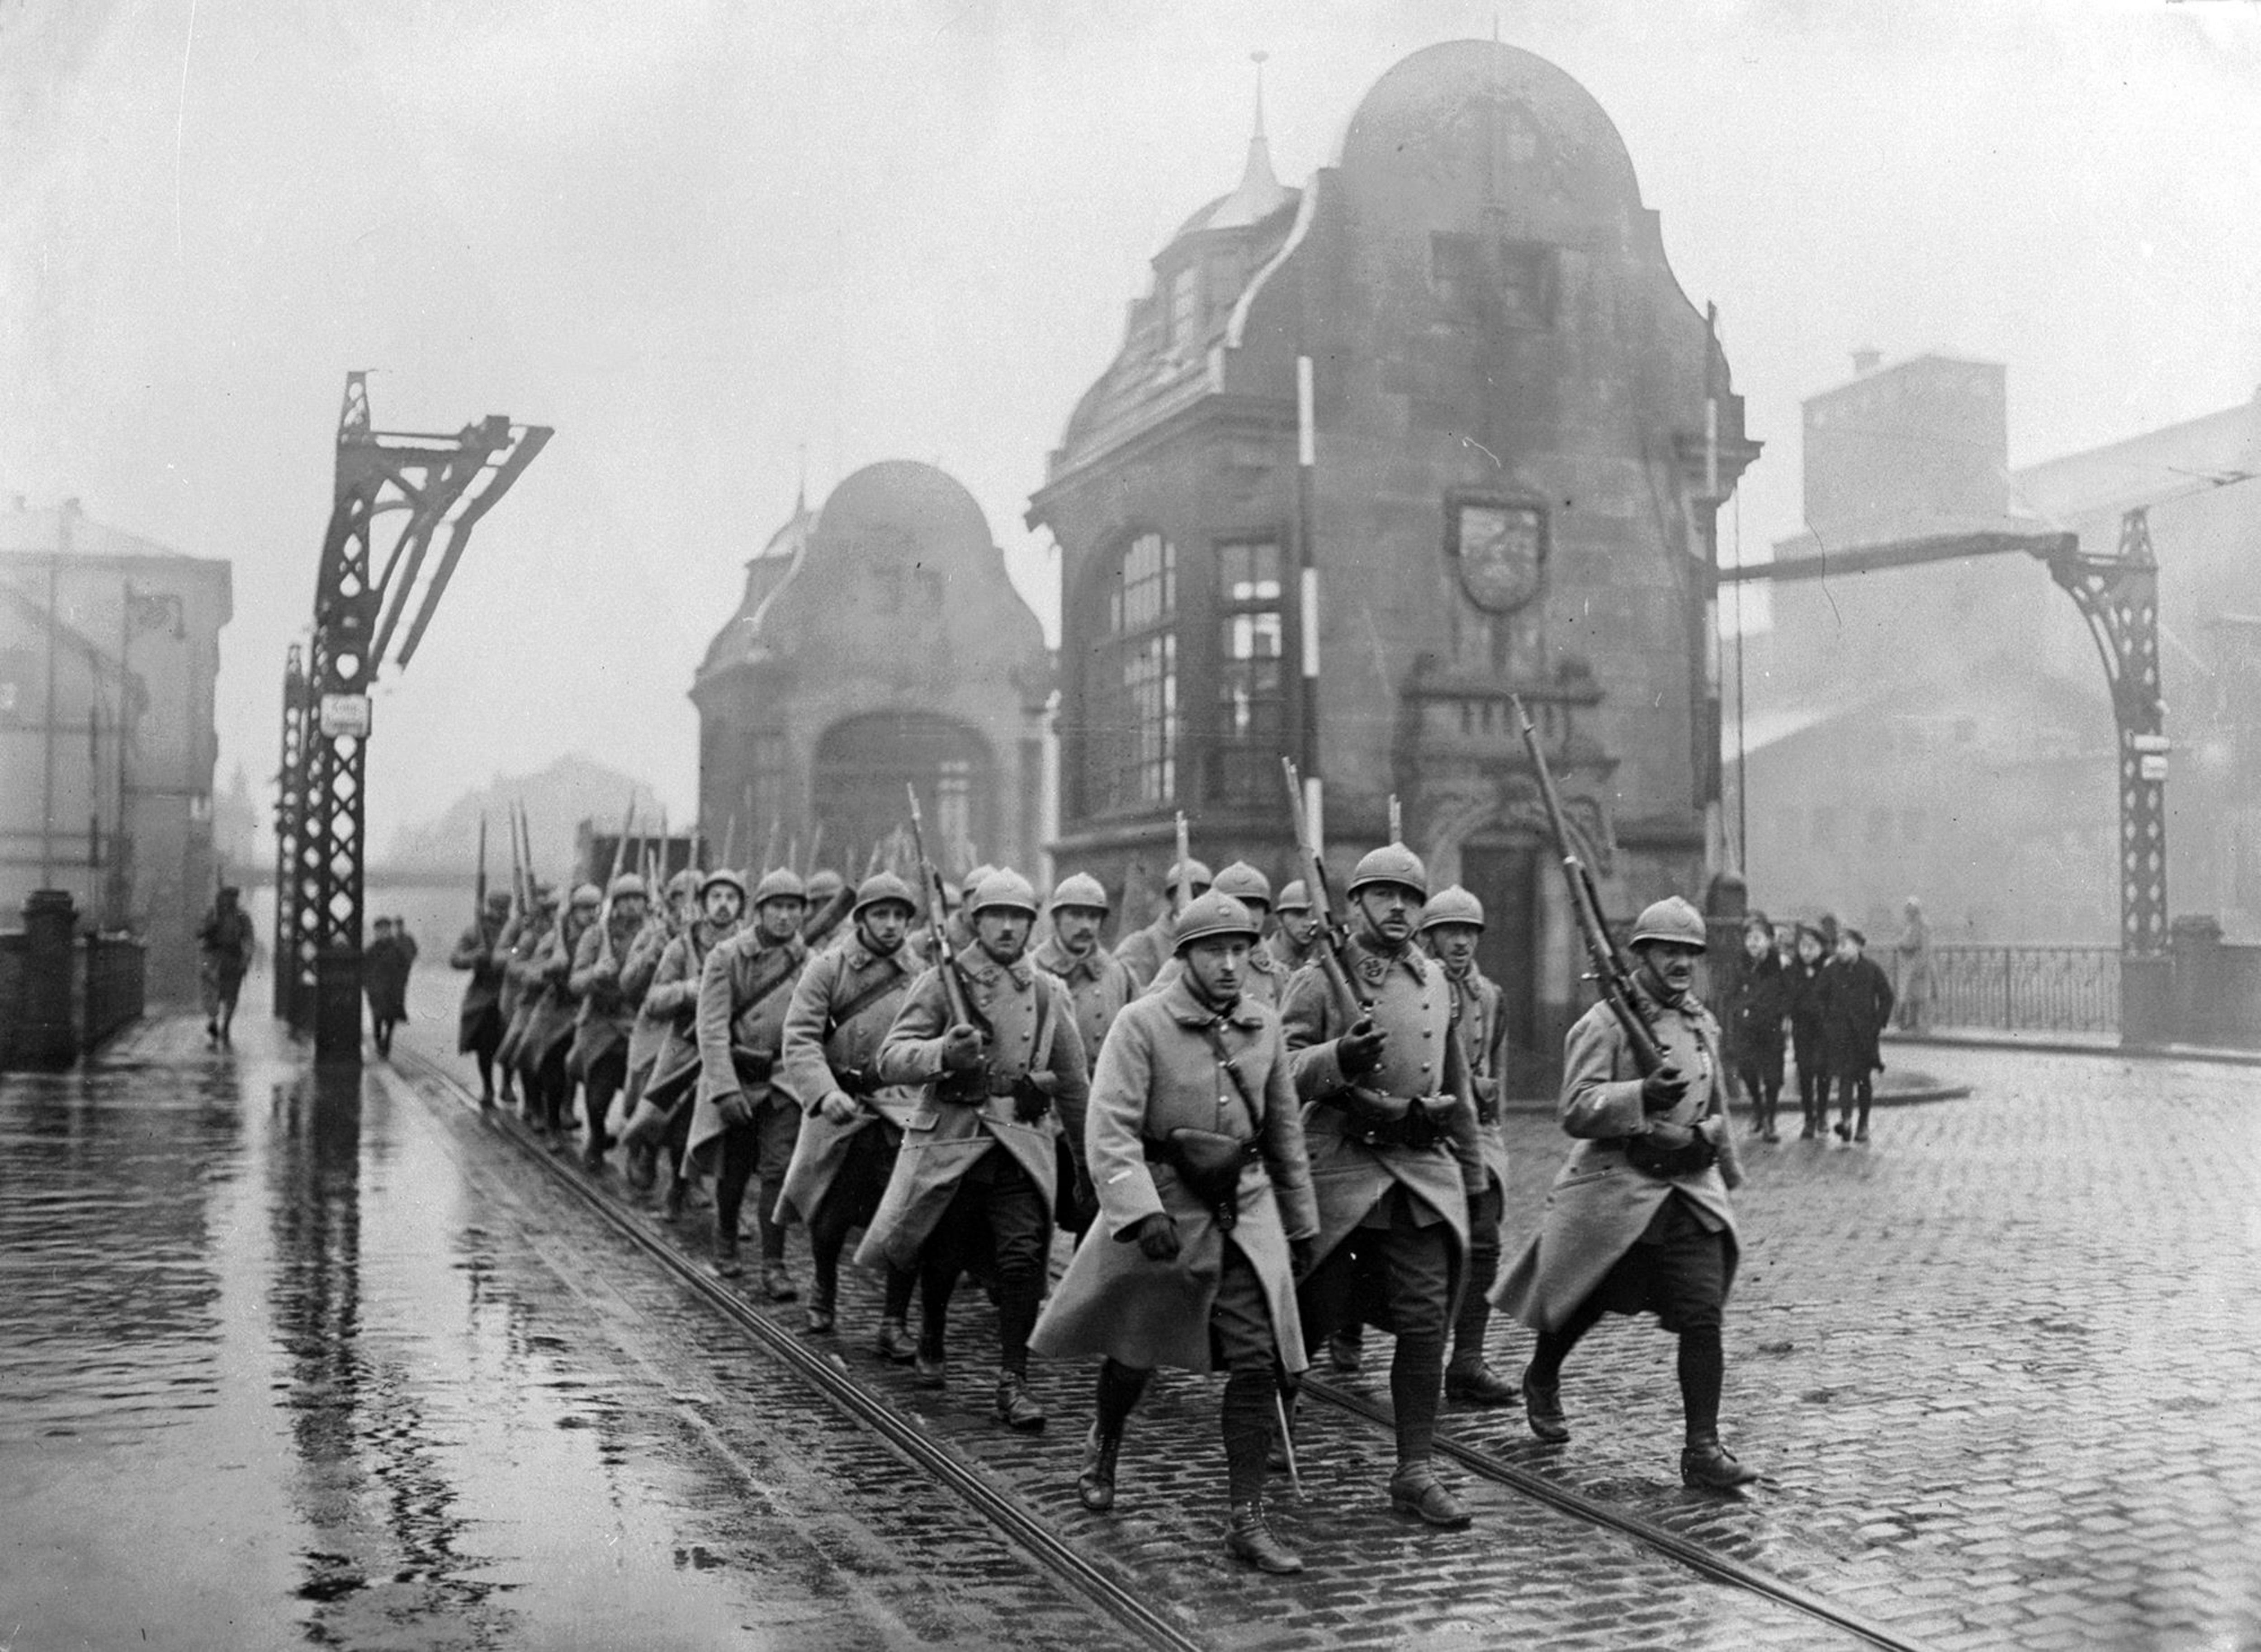 Photo en noir et blanc d'un groupe de soldats marchant dans une rue.